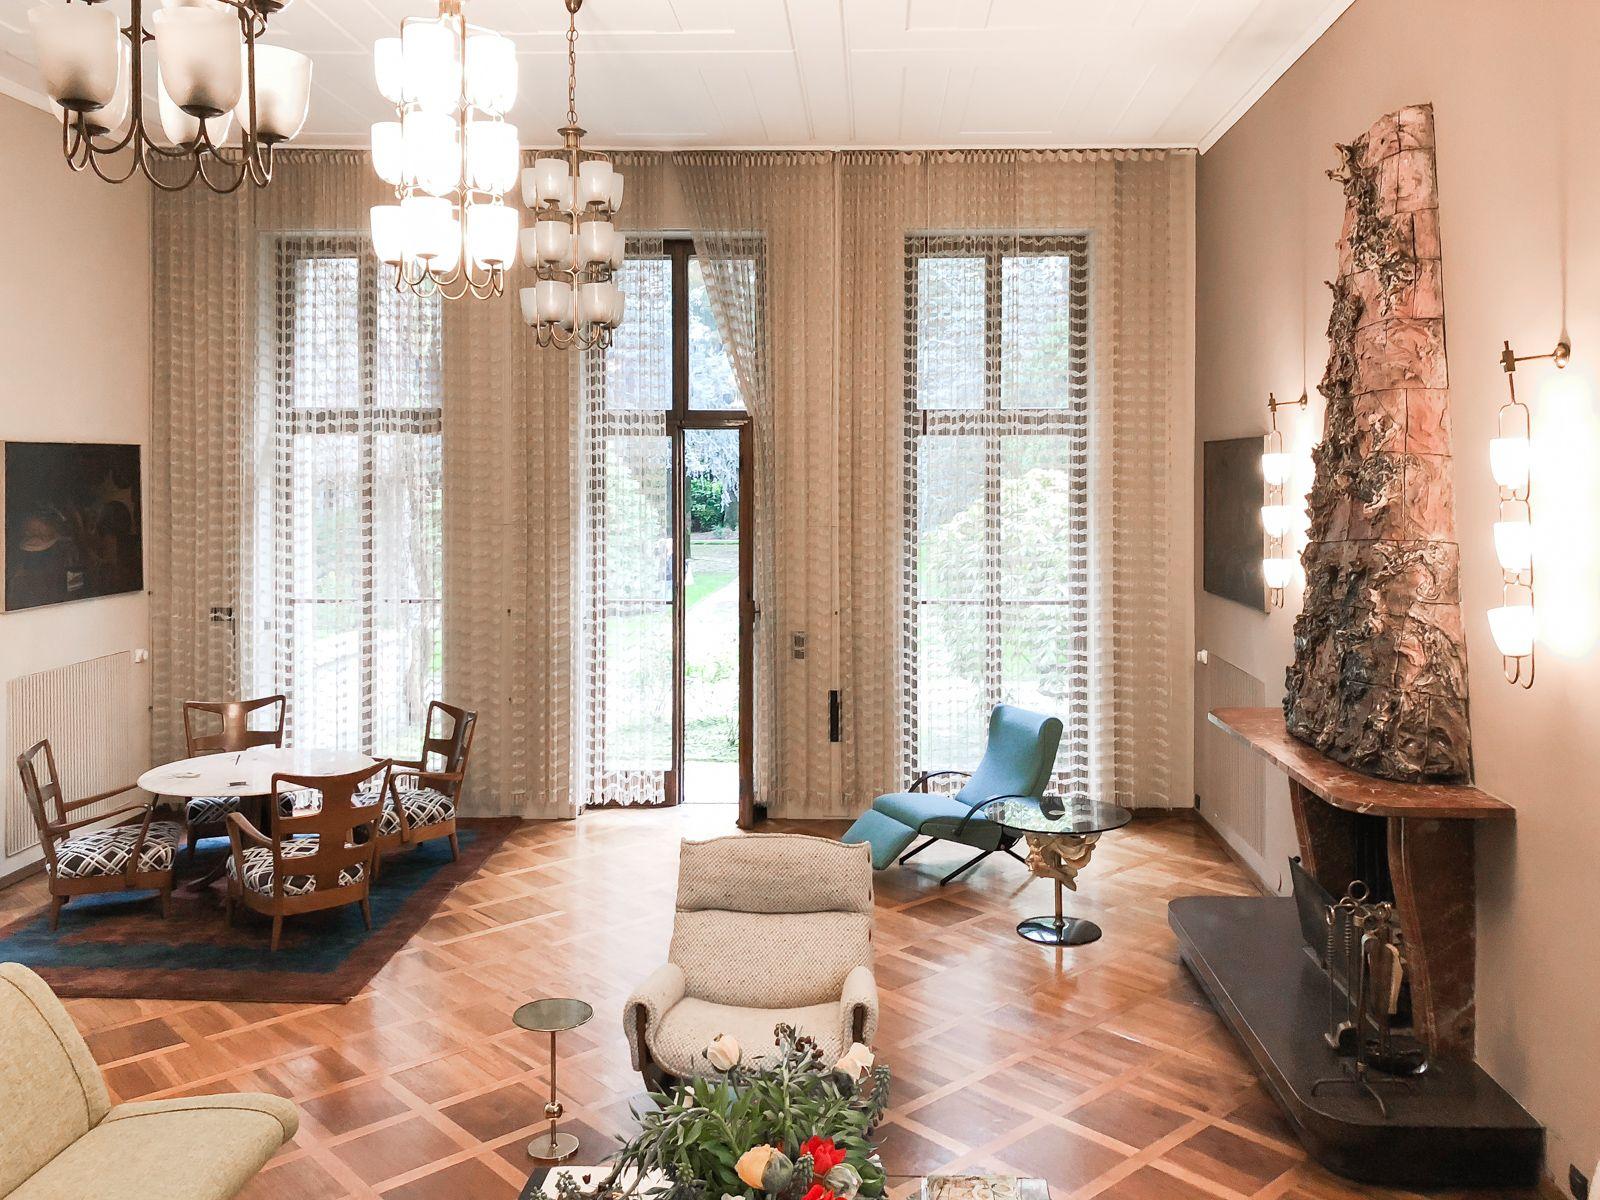 Architettura E Design case d'artista: villa borsani – un intreccio tra arte